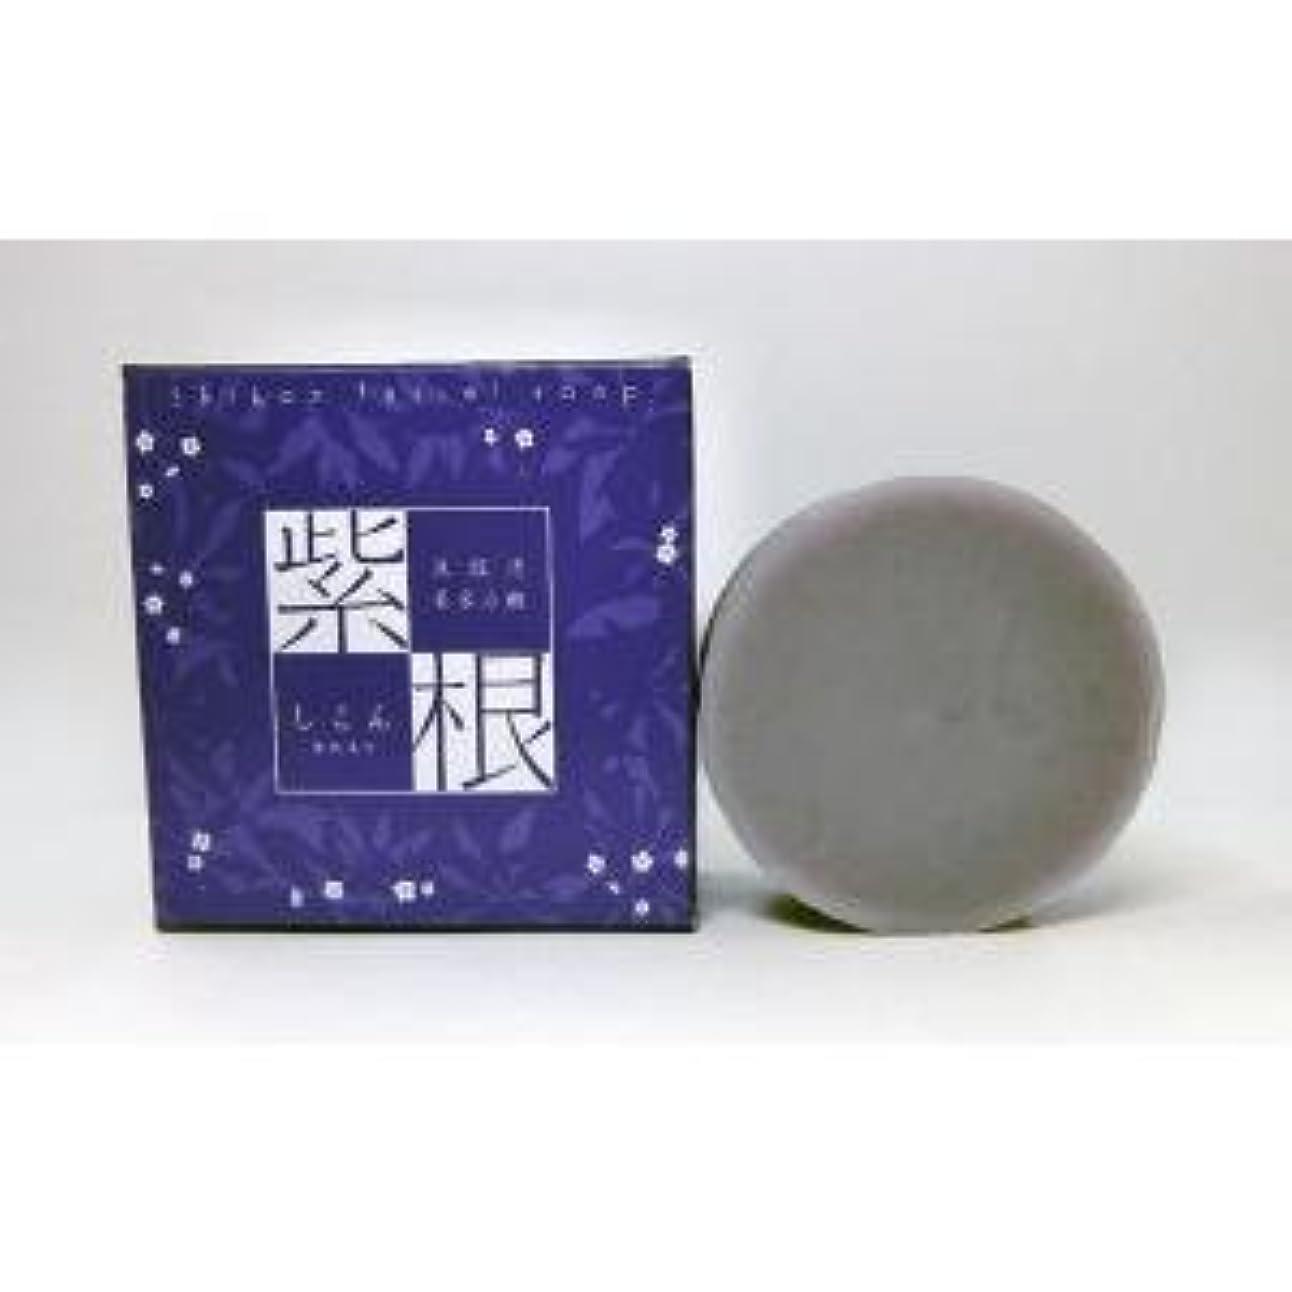 振るうシリング写真を撮る紫根石鹸 100g×5個セット